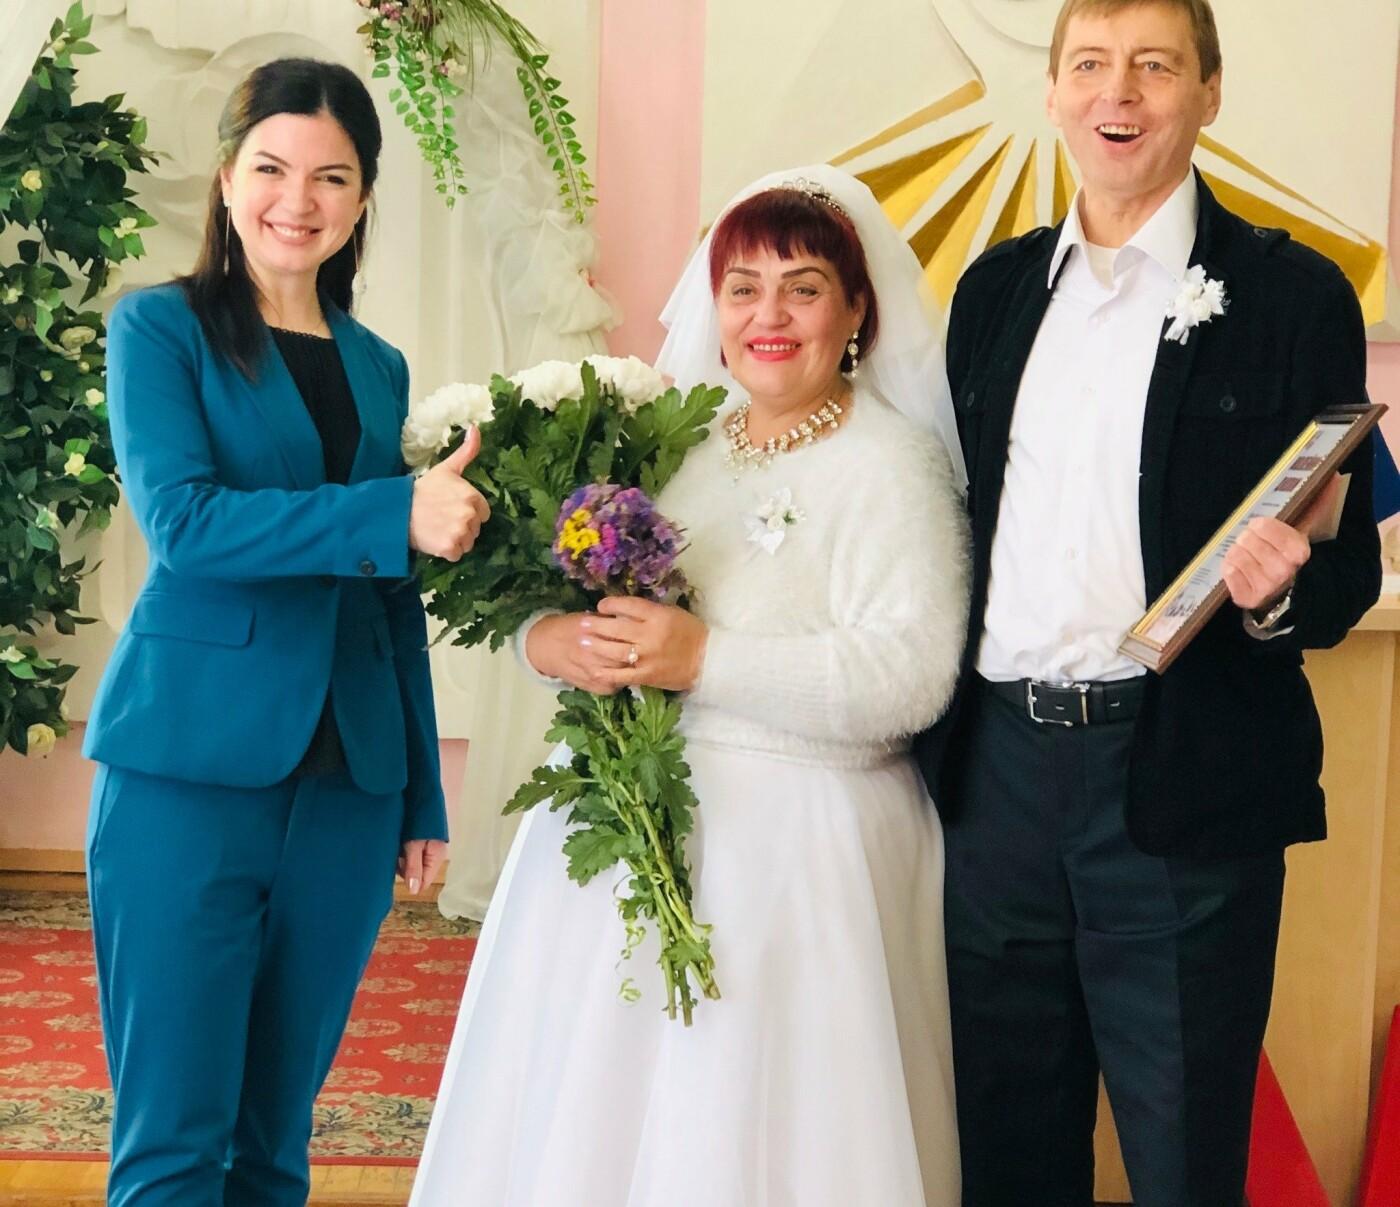 Невероятная love story в Кривом Роге: влюбленные, которых в юности пытались разлучить, сыграли свадьбу 40 лет спустя, - ФОТО, фото-2